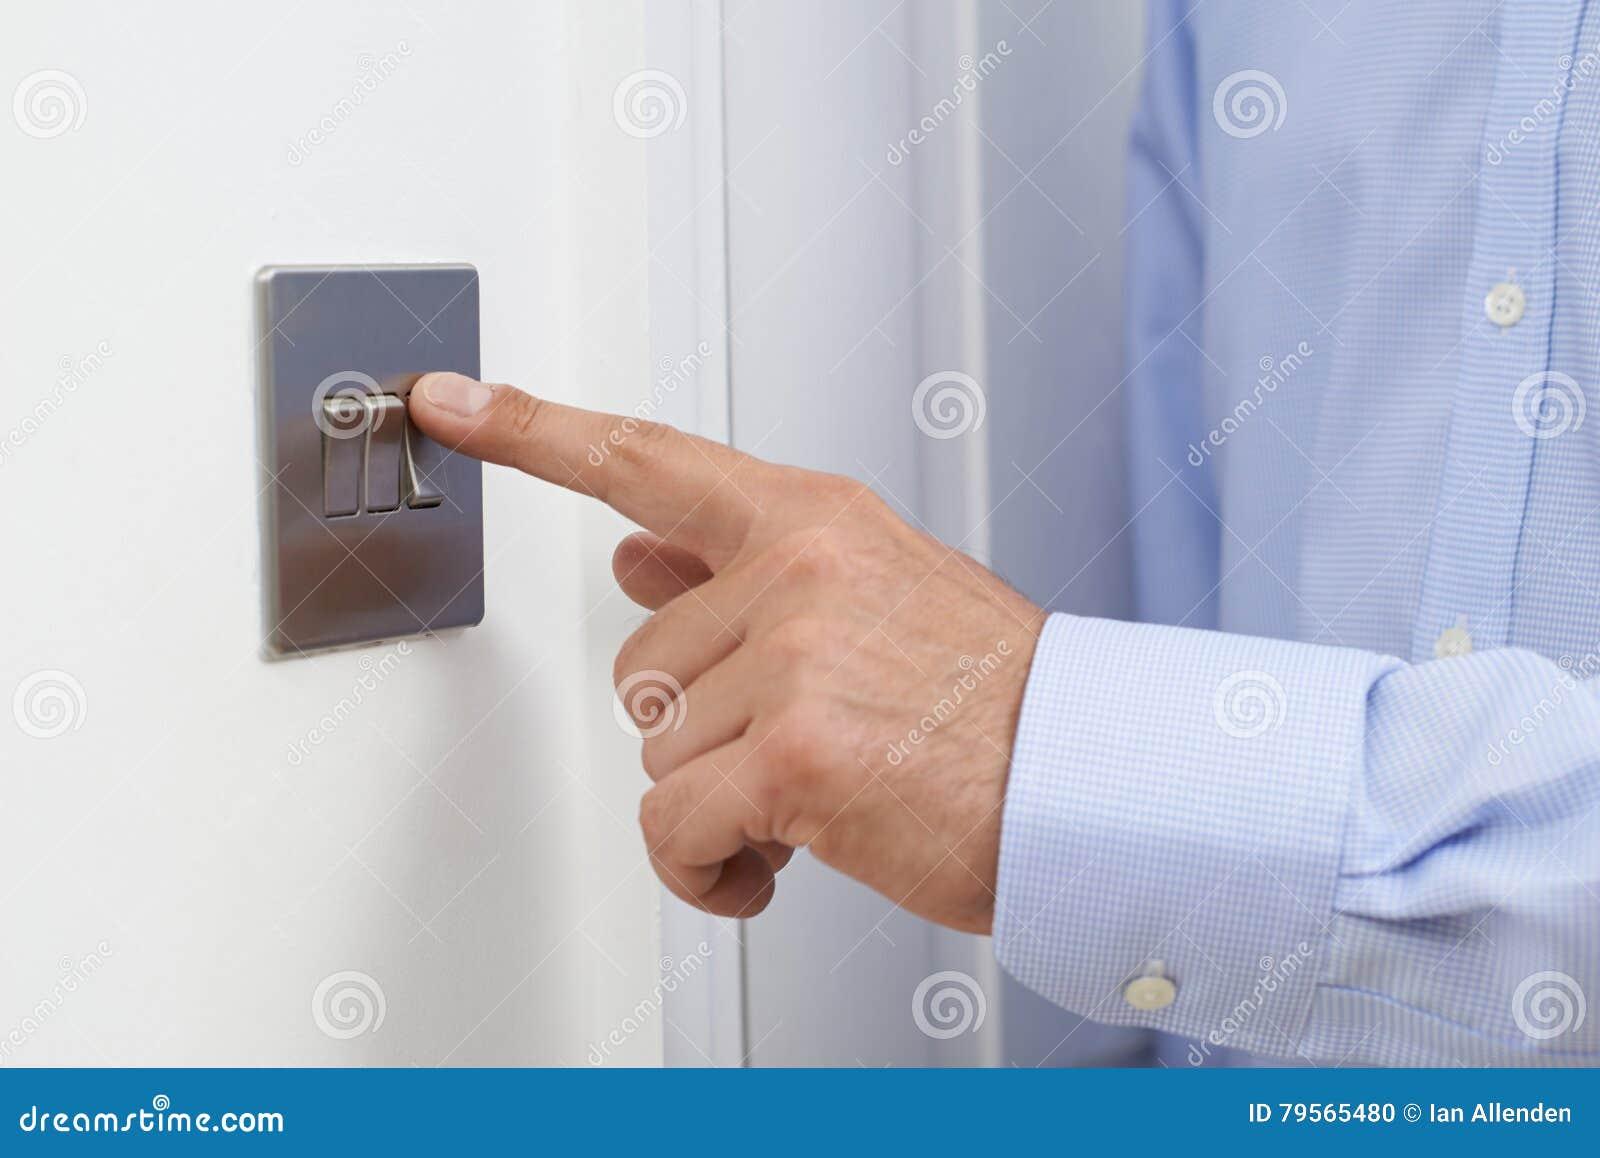 关闭关闭灯开关的人